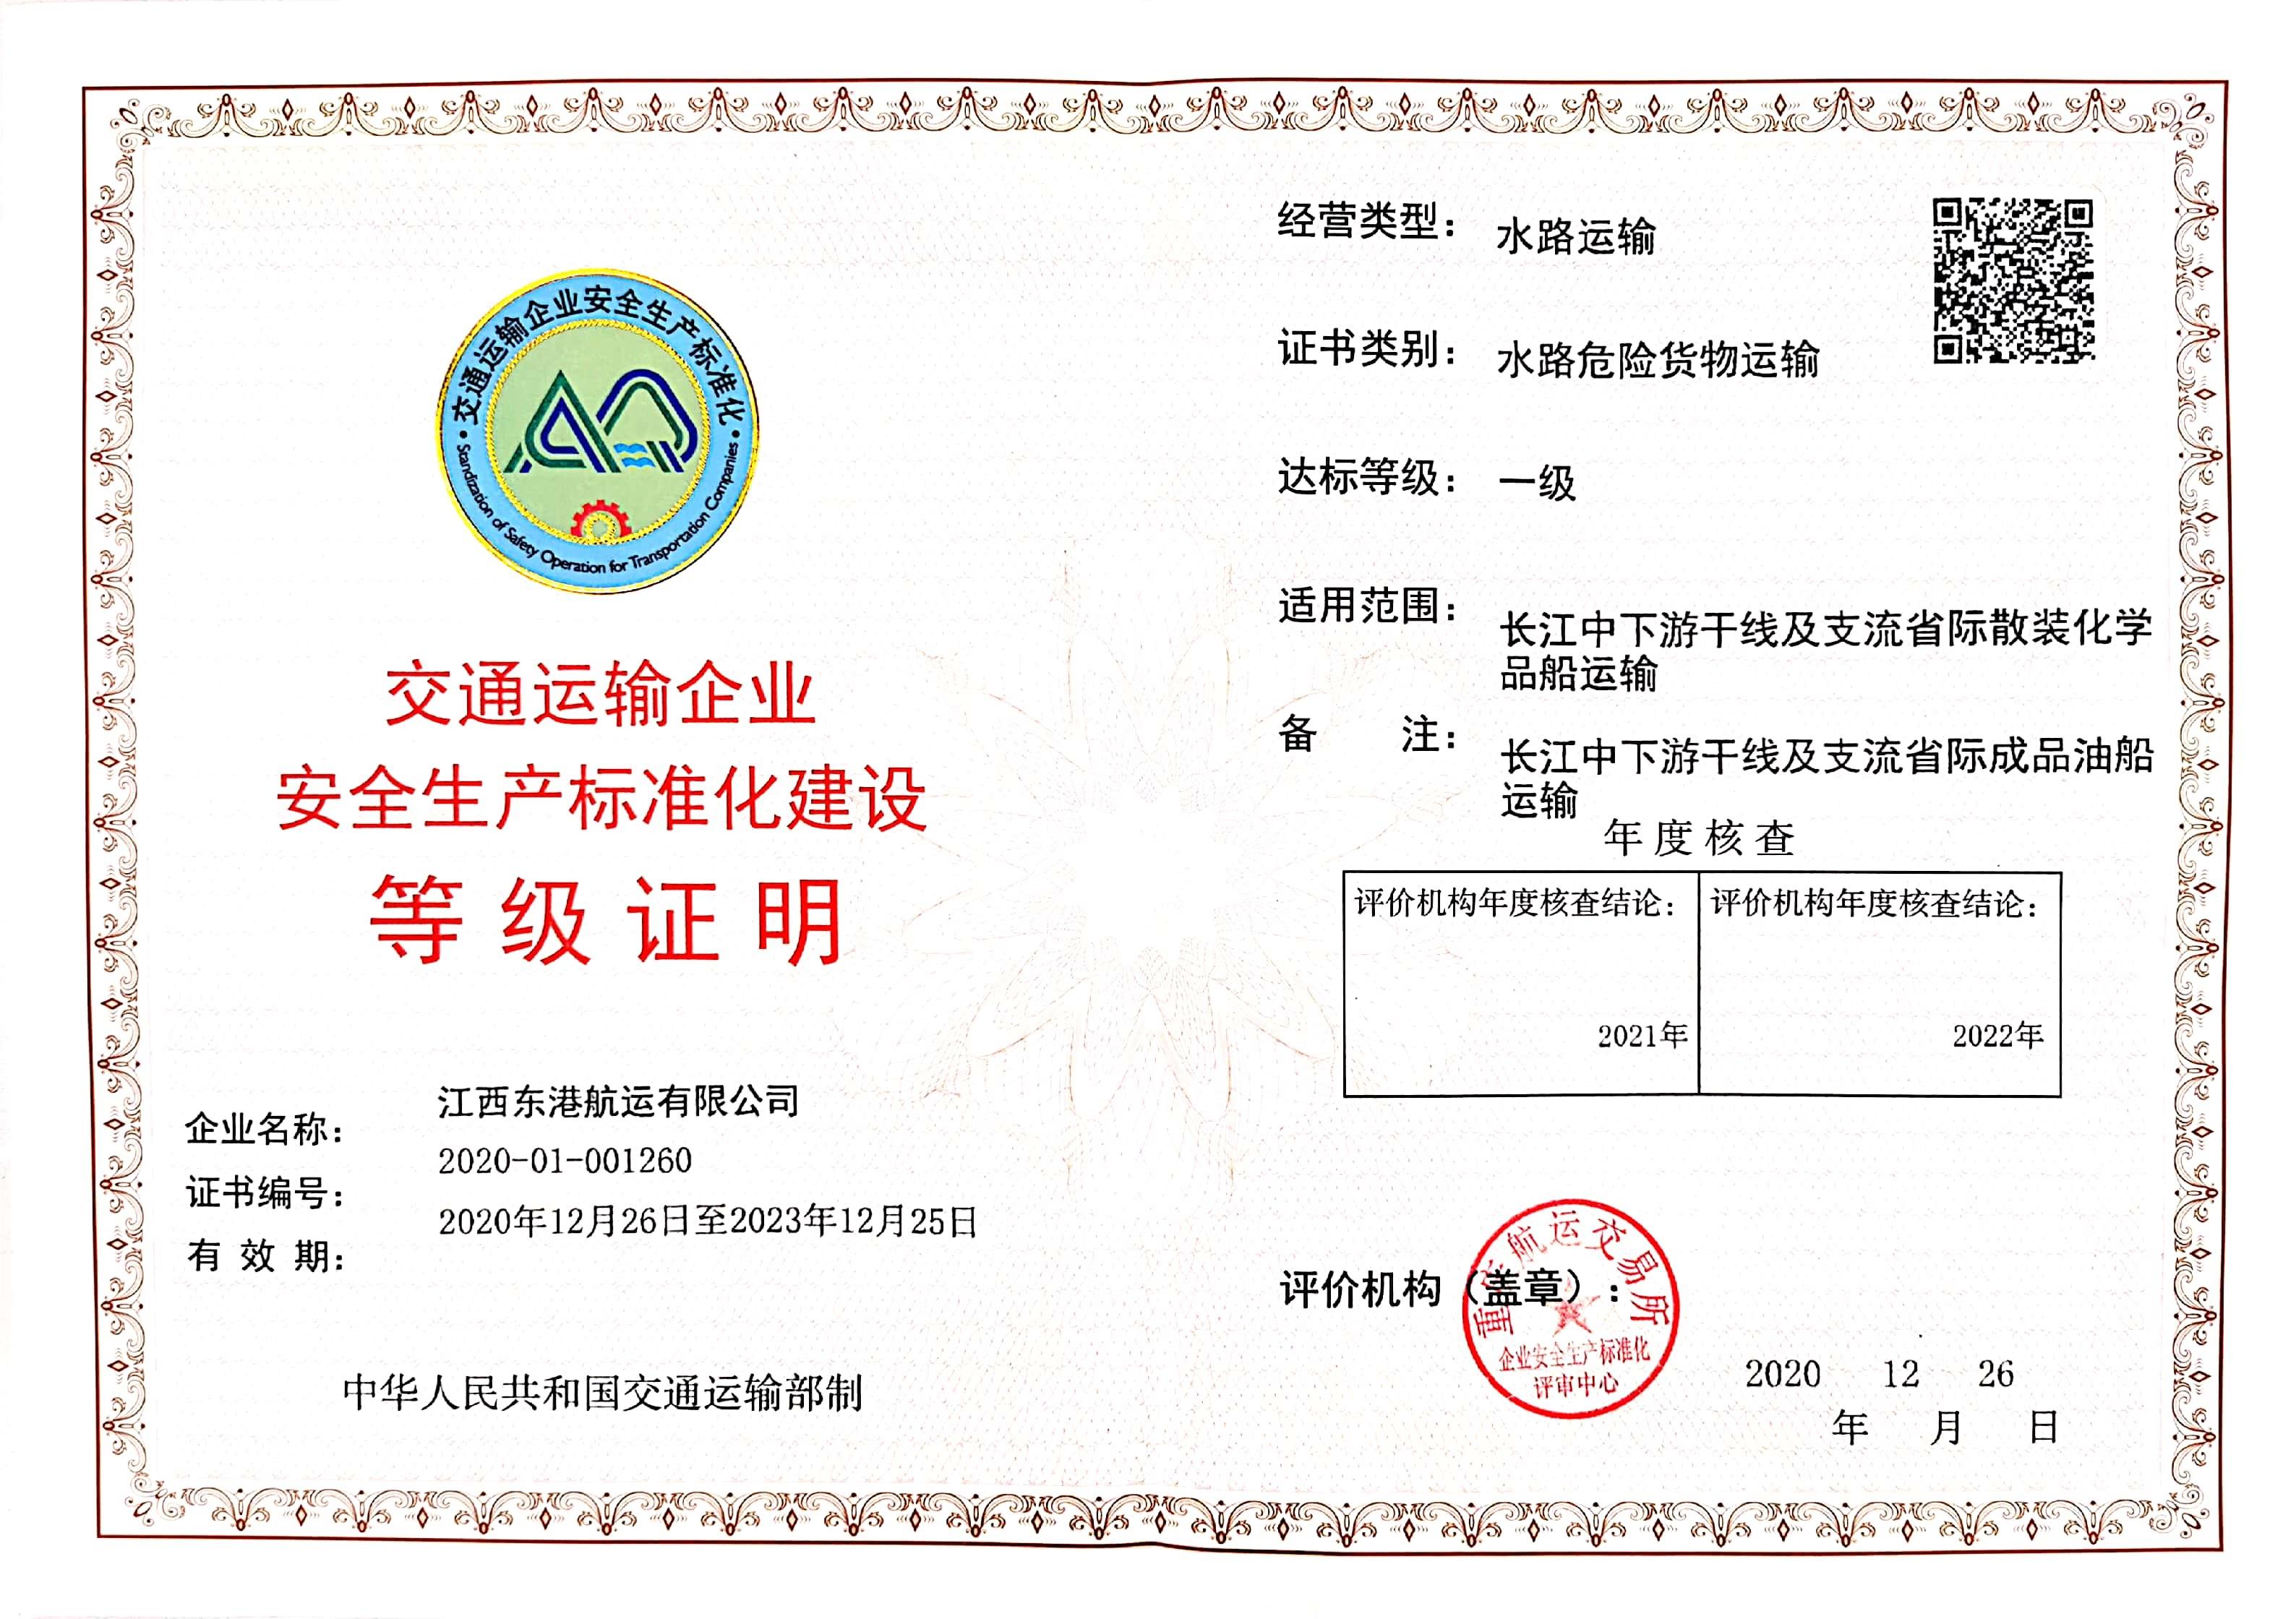 安全生产标准化建设一级证书